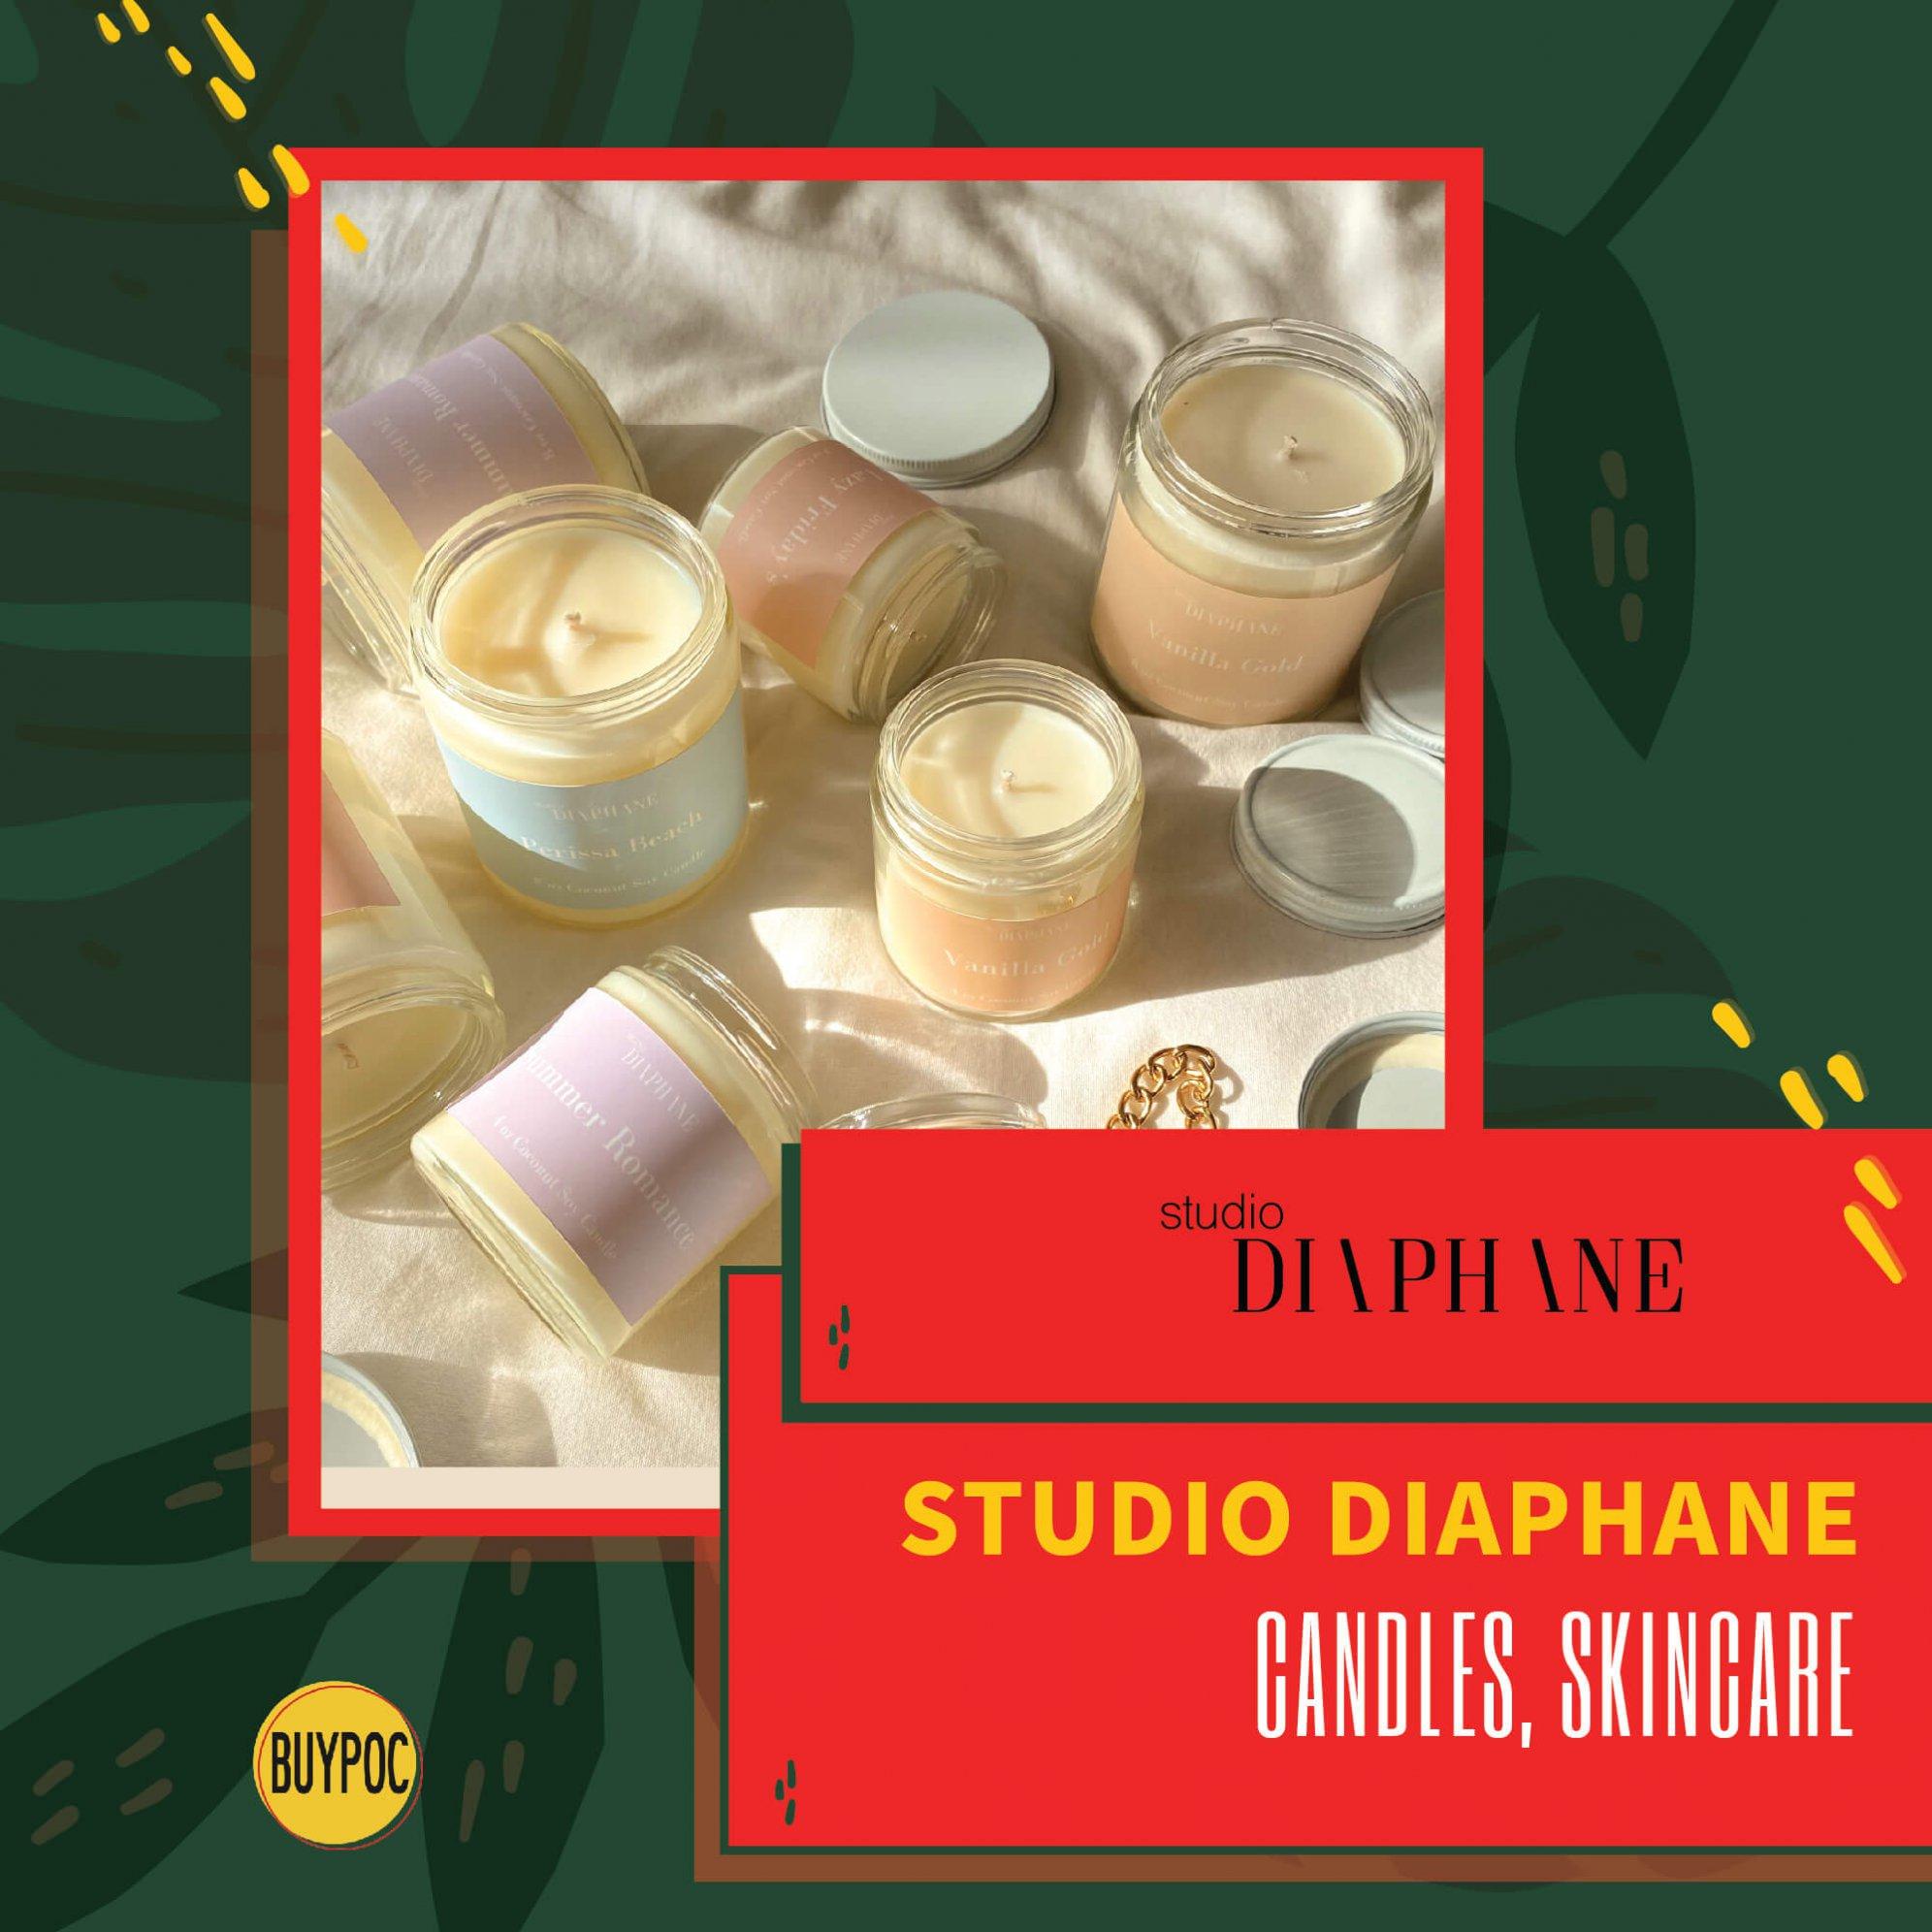 Studio Diaphane